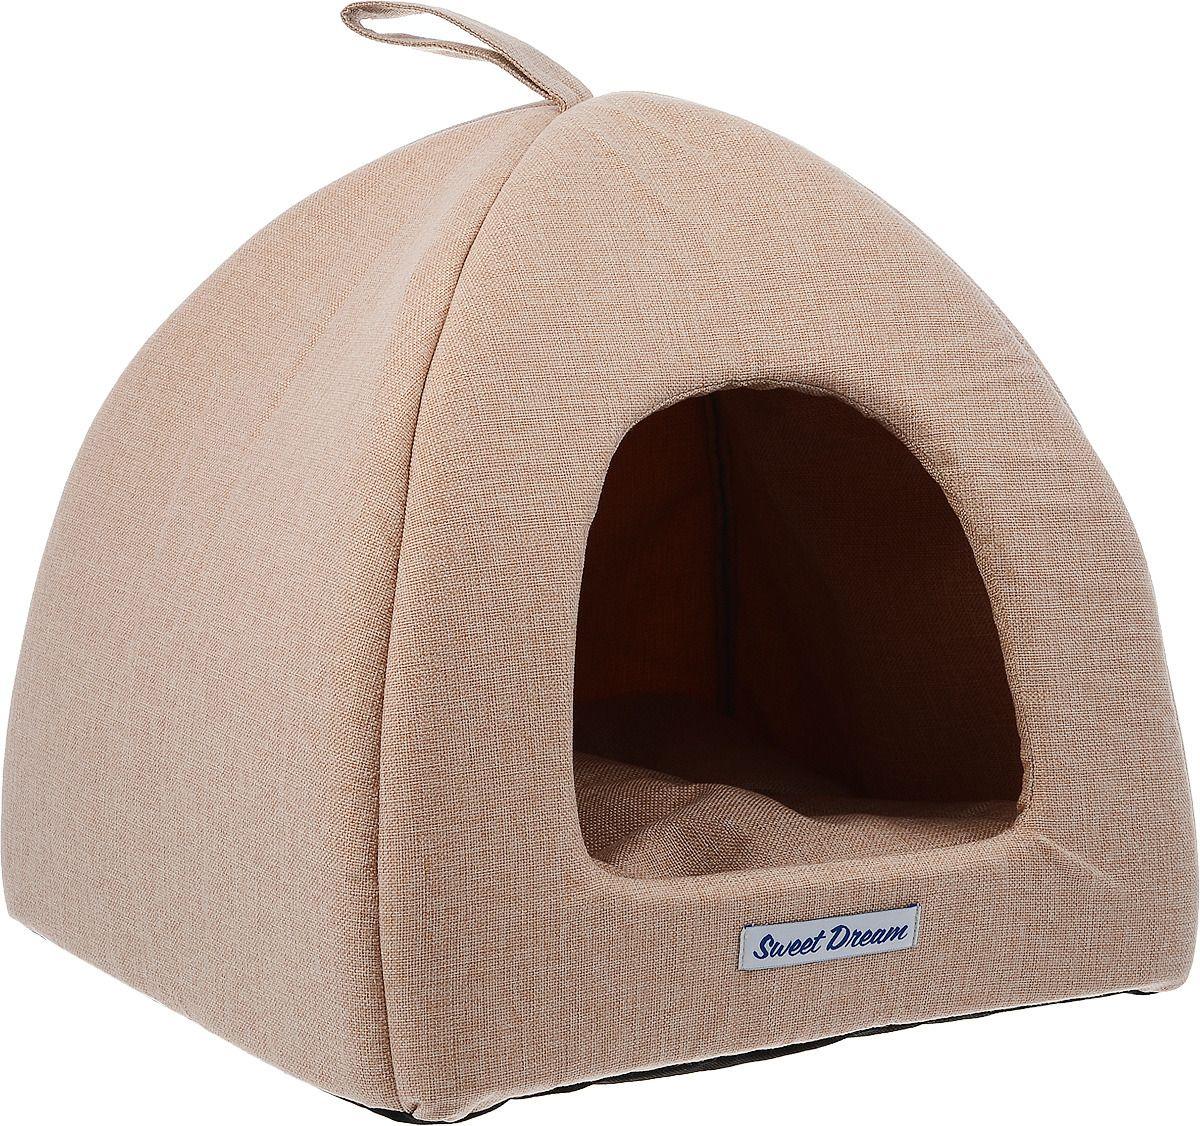 Домик для кошек и собак Бобровый Дворик Сладкий сон №1 светло-бежевый, 39x39x35см фото